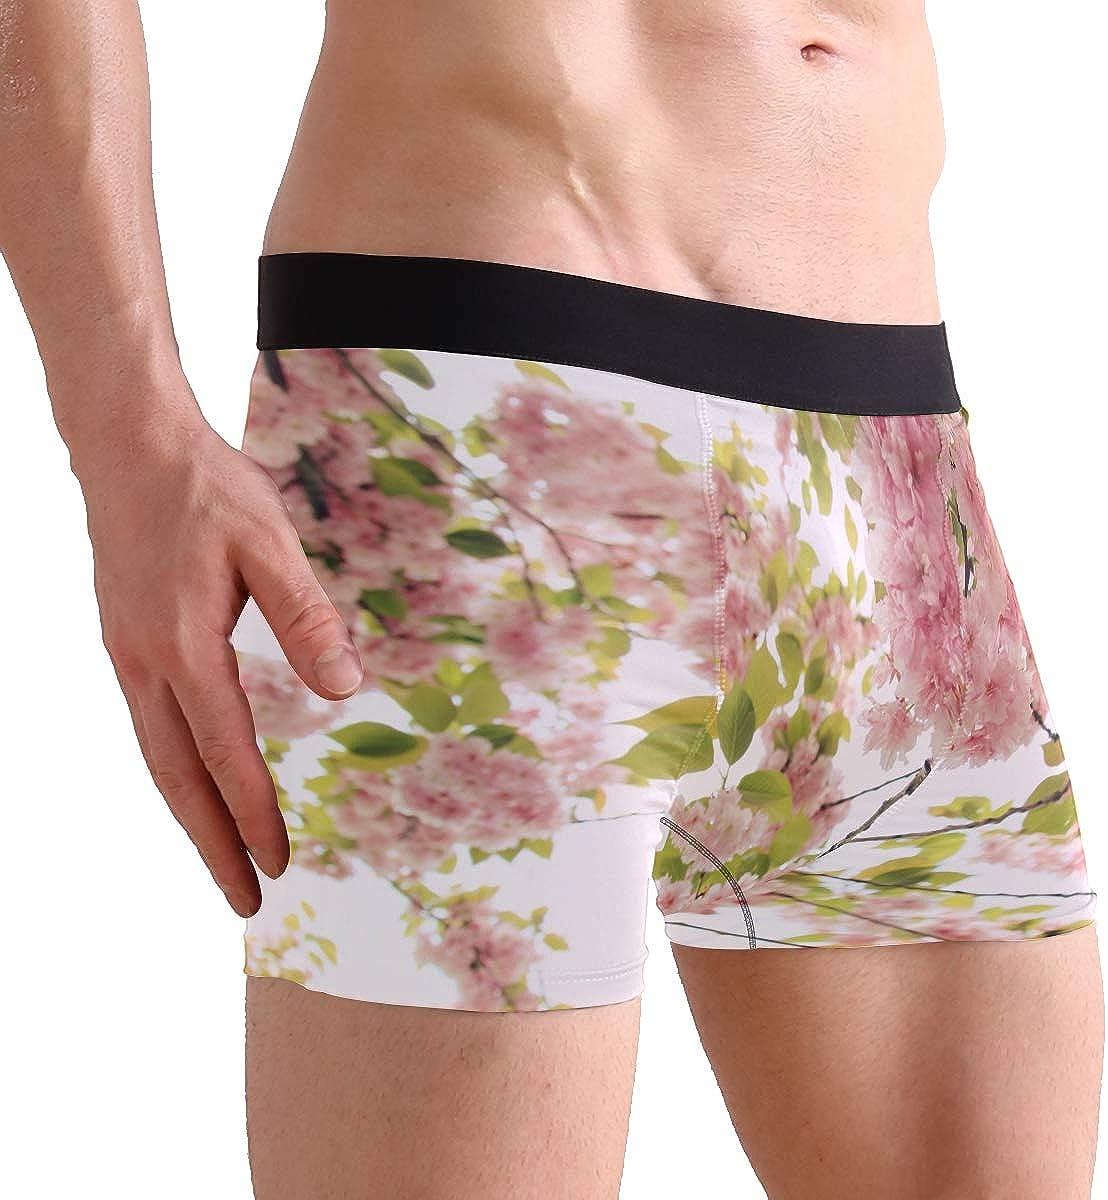 Mens 2-Pack Boxer Briefs Polyester Underwear Trunk Underwear with Peach Blossom Design